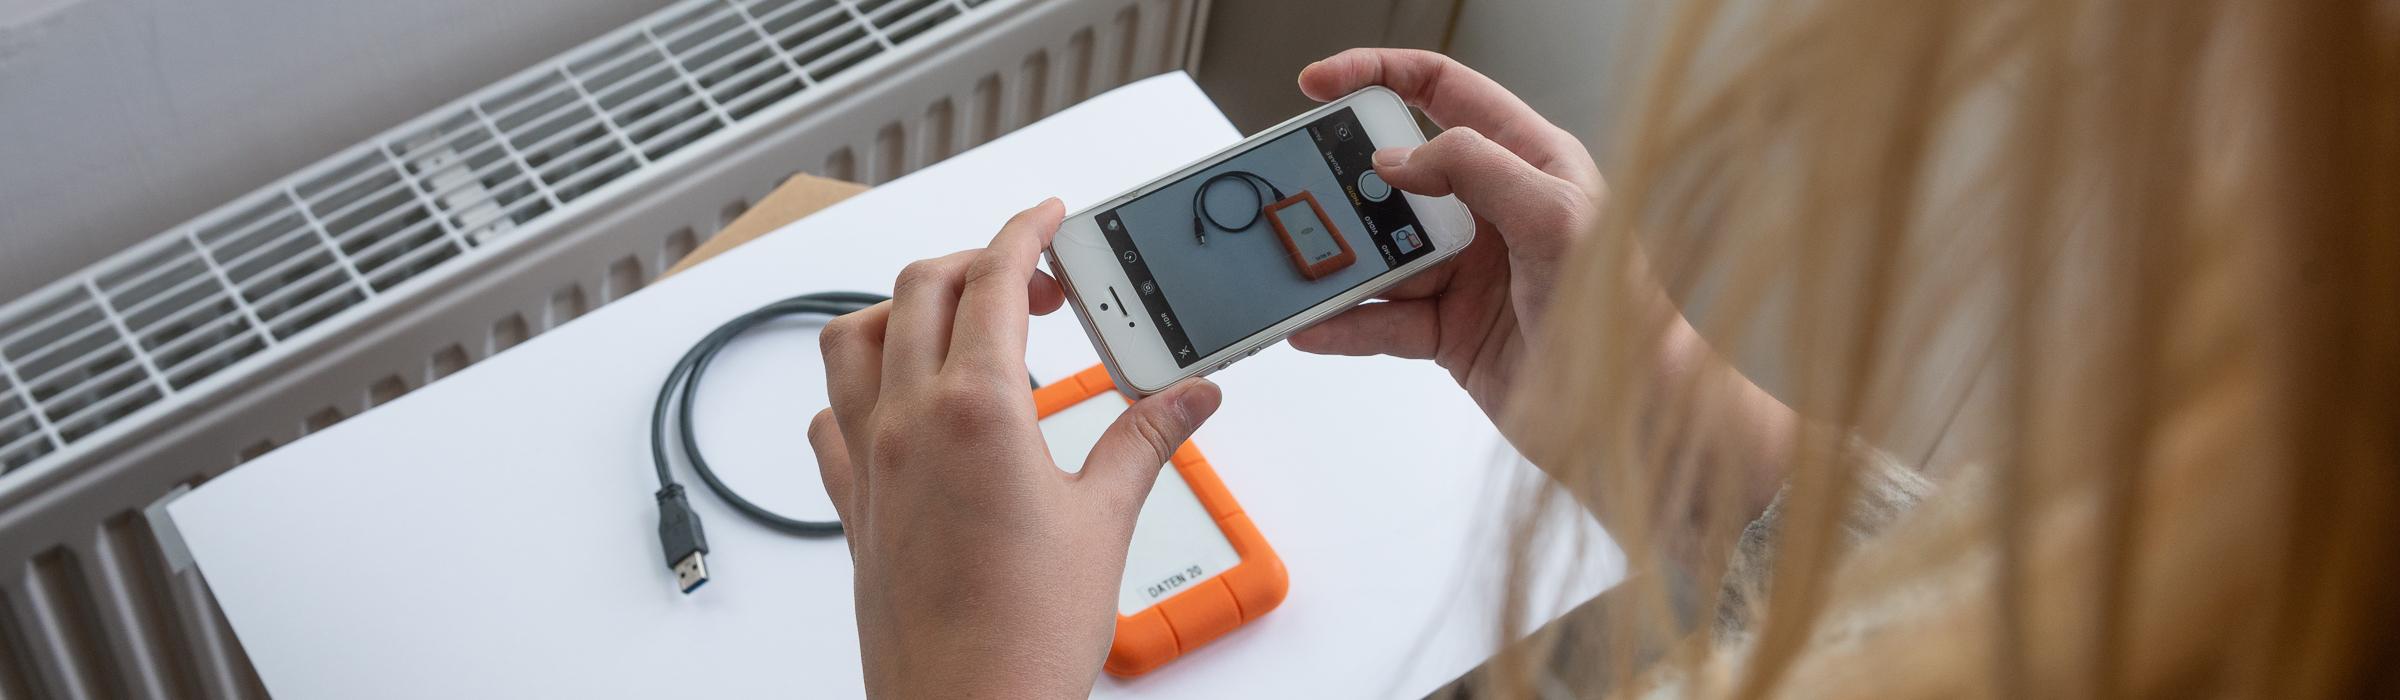 Produkte fotografieren lernen mit dem Handy!